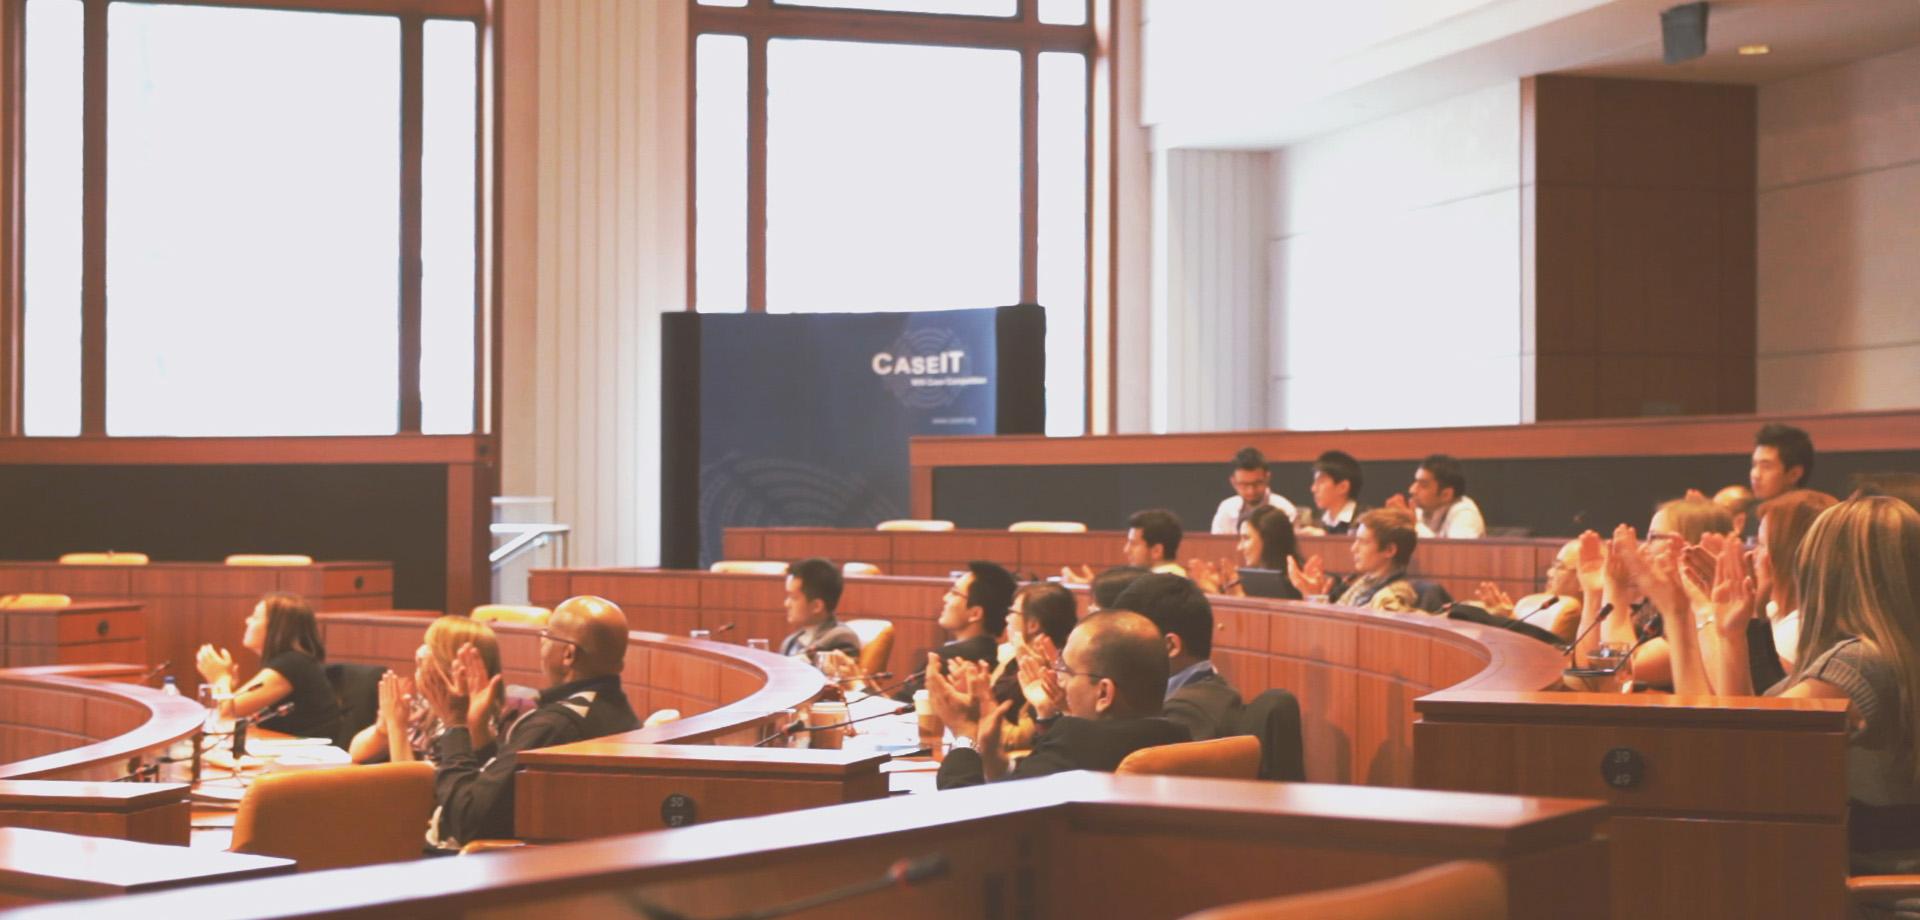 CaseIT_Web_09